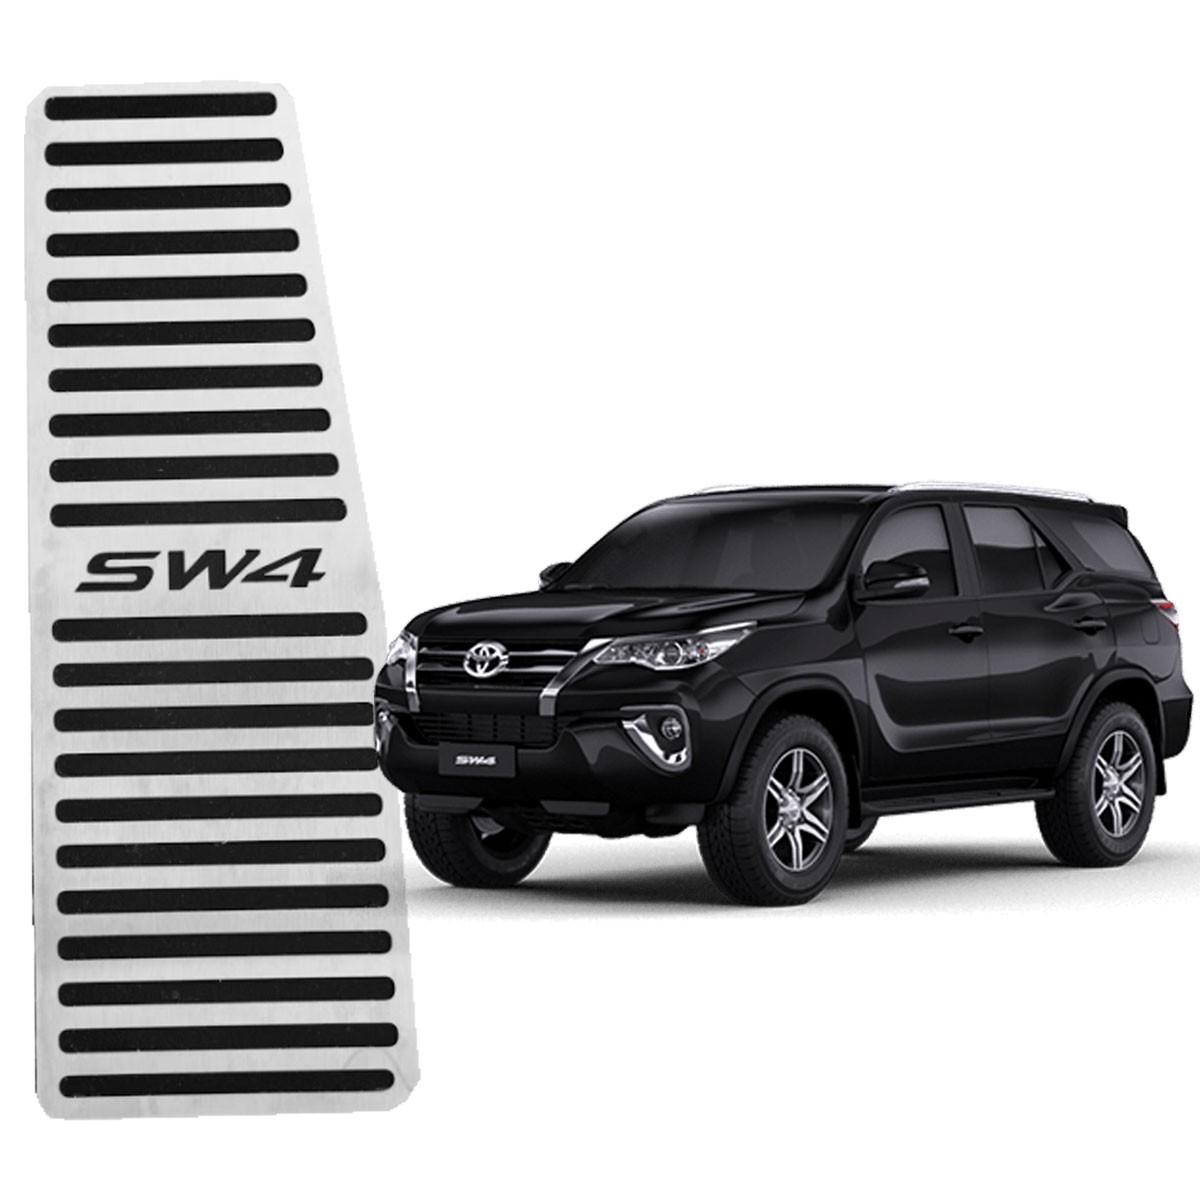 Descanso de Pé Toyota SW4 Aço Inox Escovado